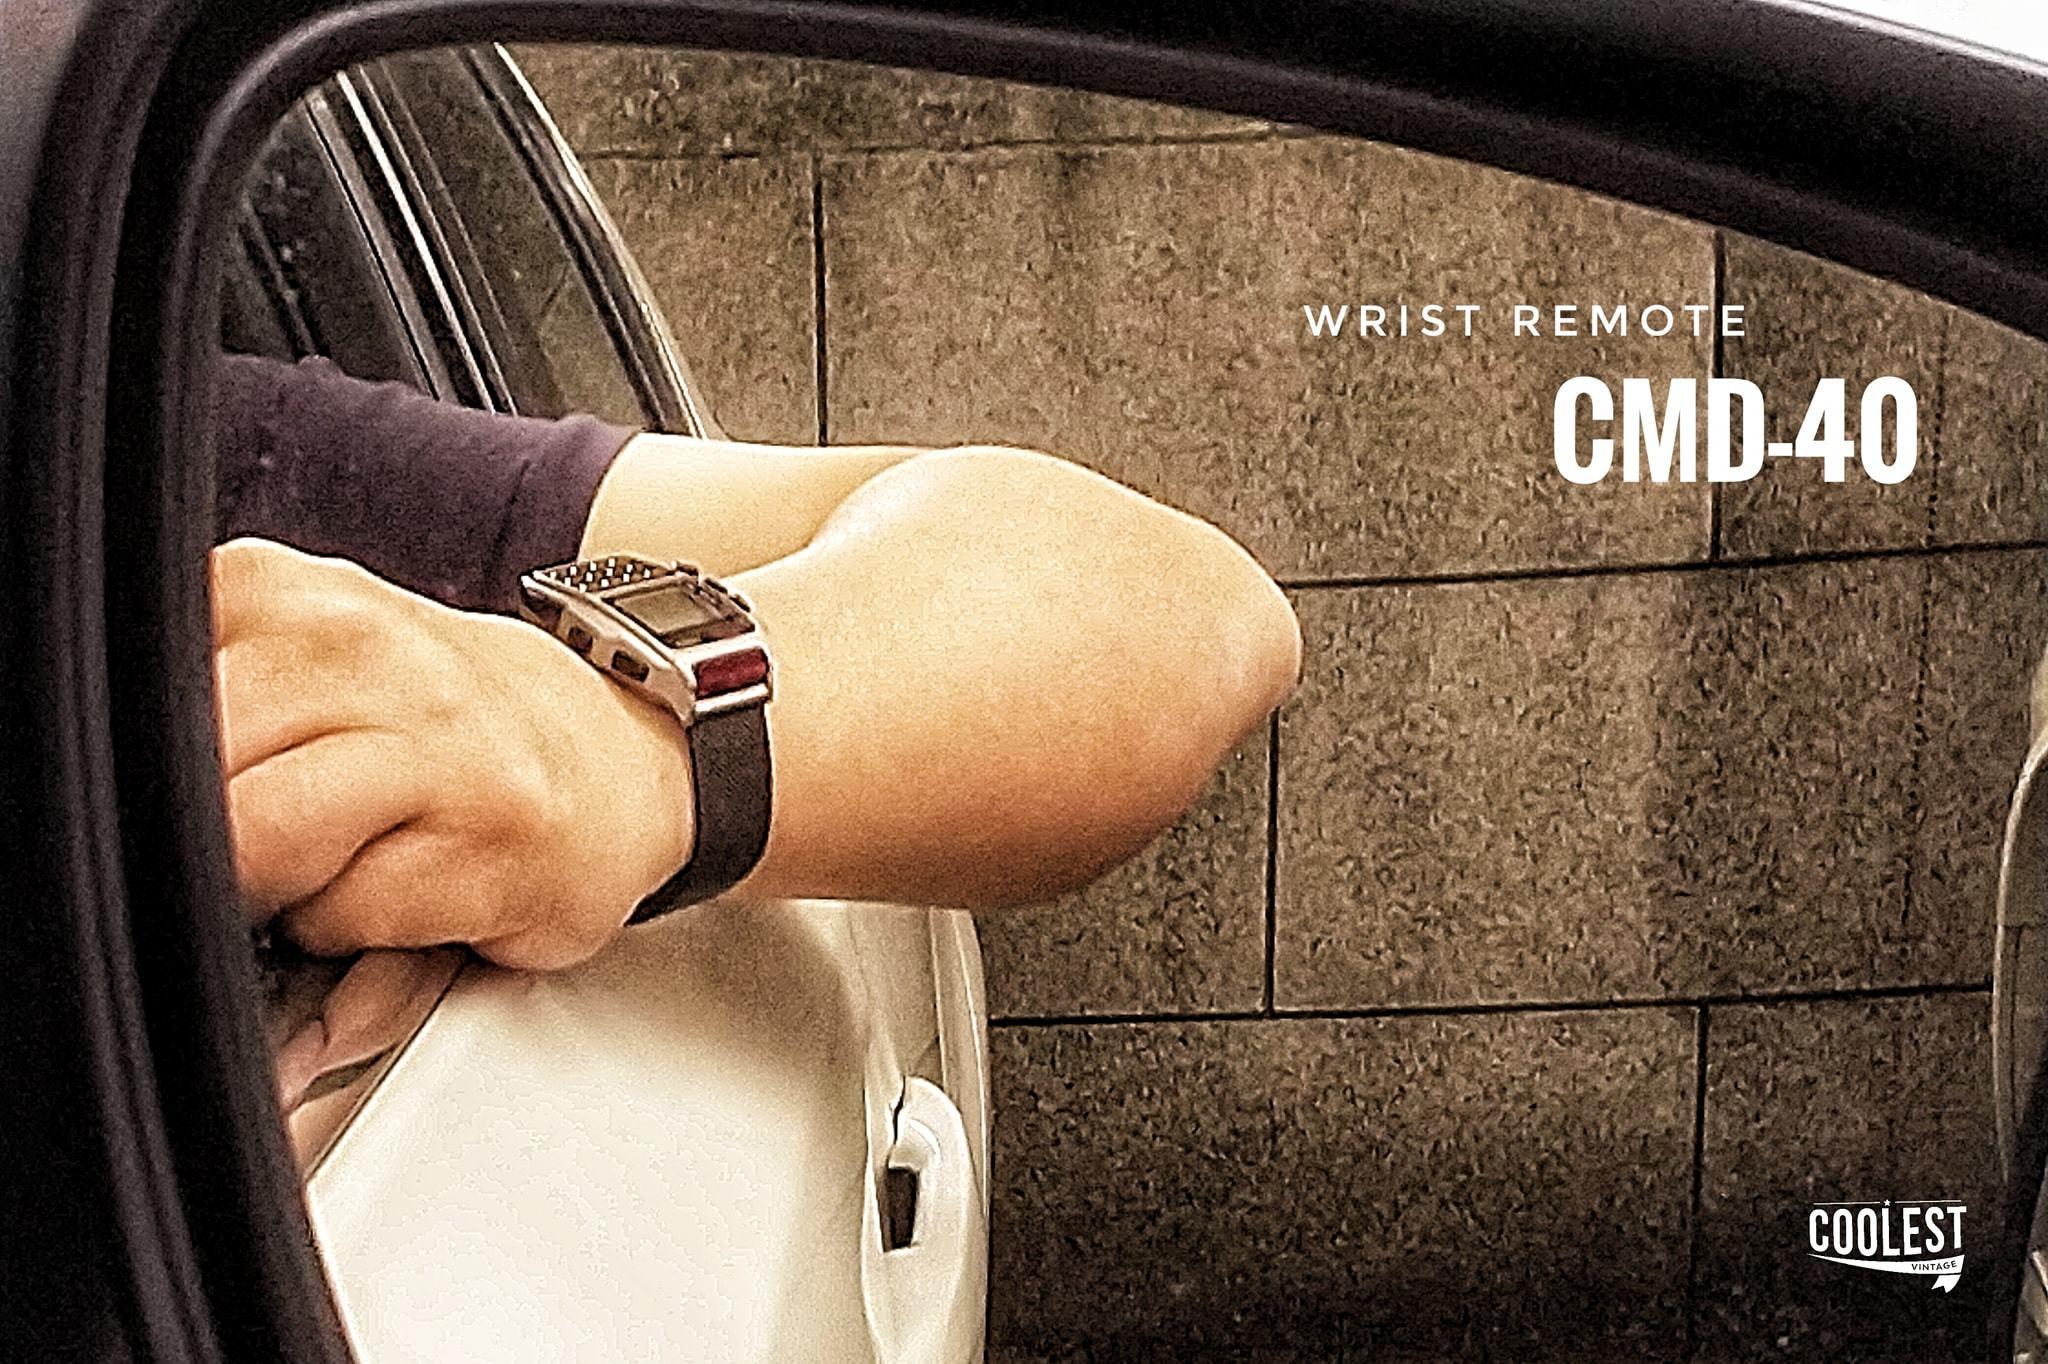 Casio Wrist Remote Controller CMD-40